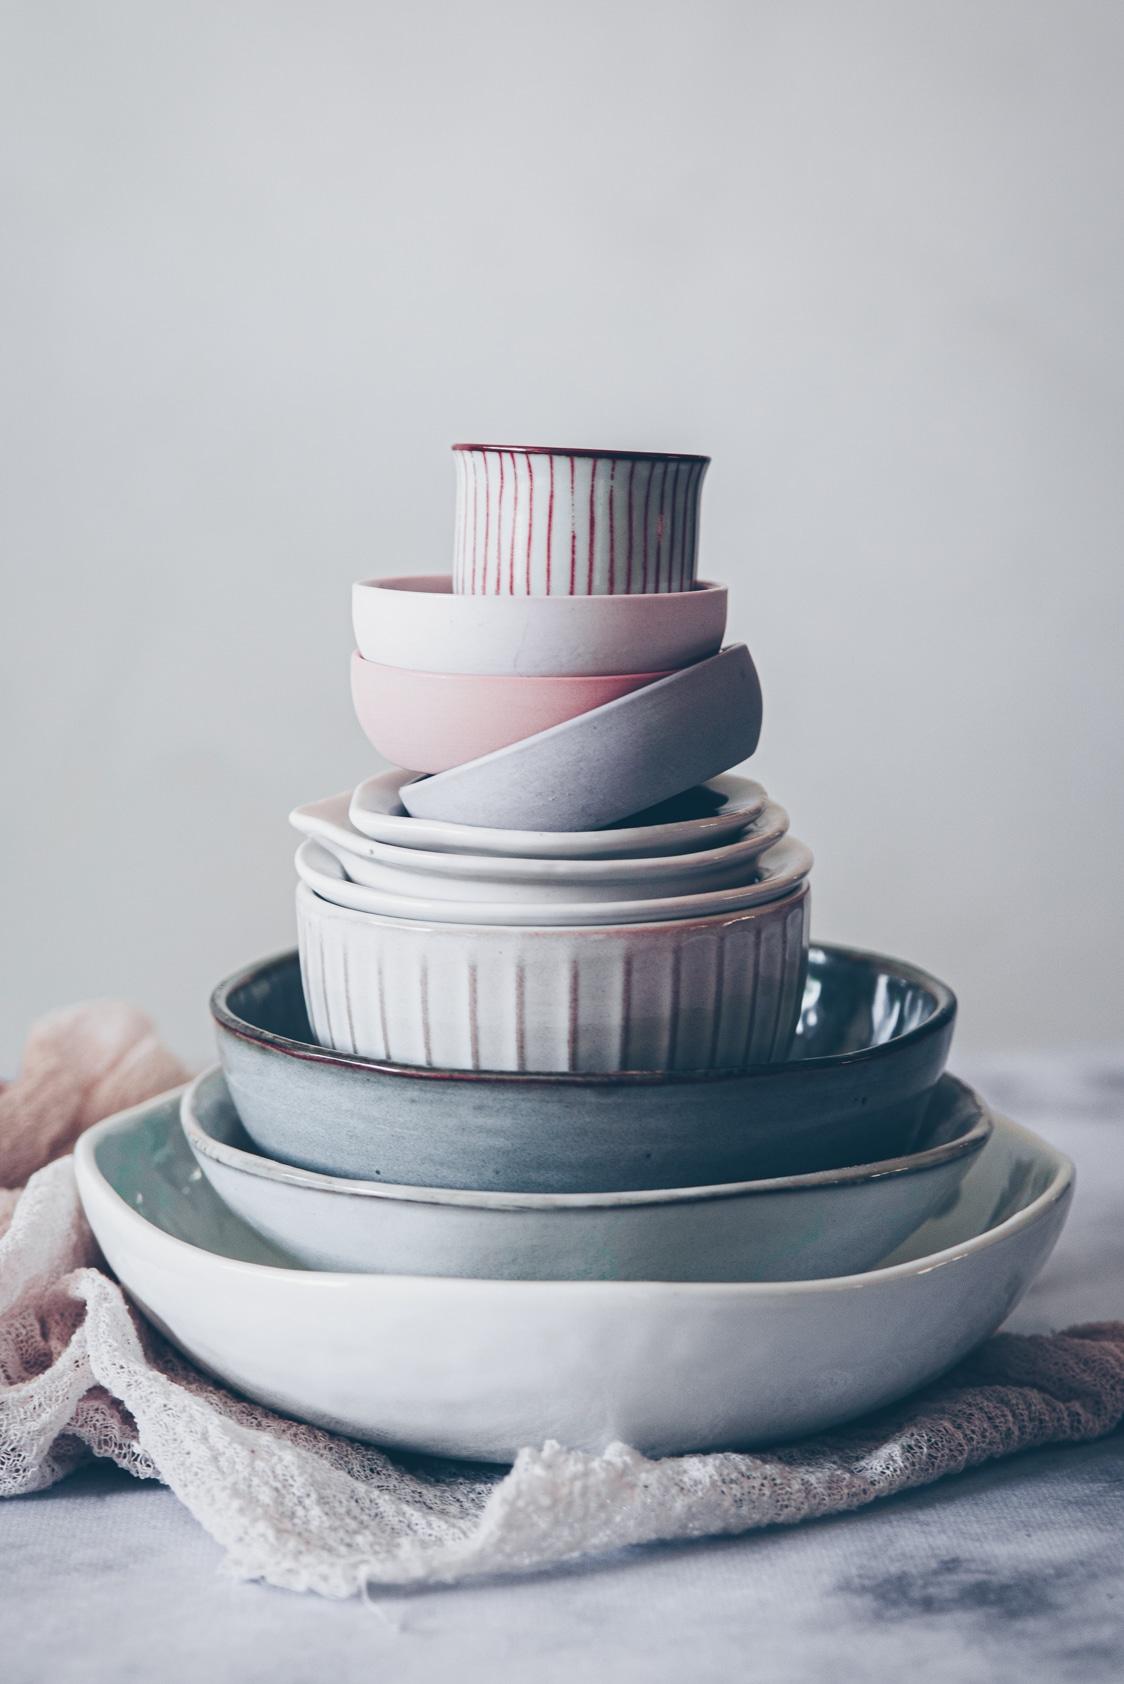 Creer sa collection de props pour la photographie culinaire & le stylisme - confitbanane